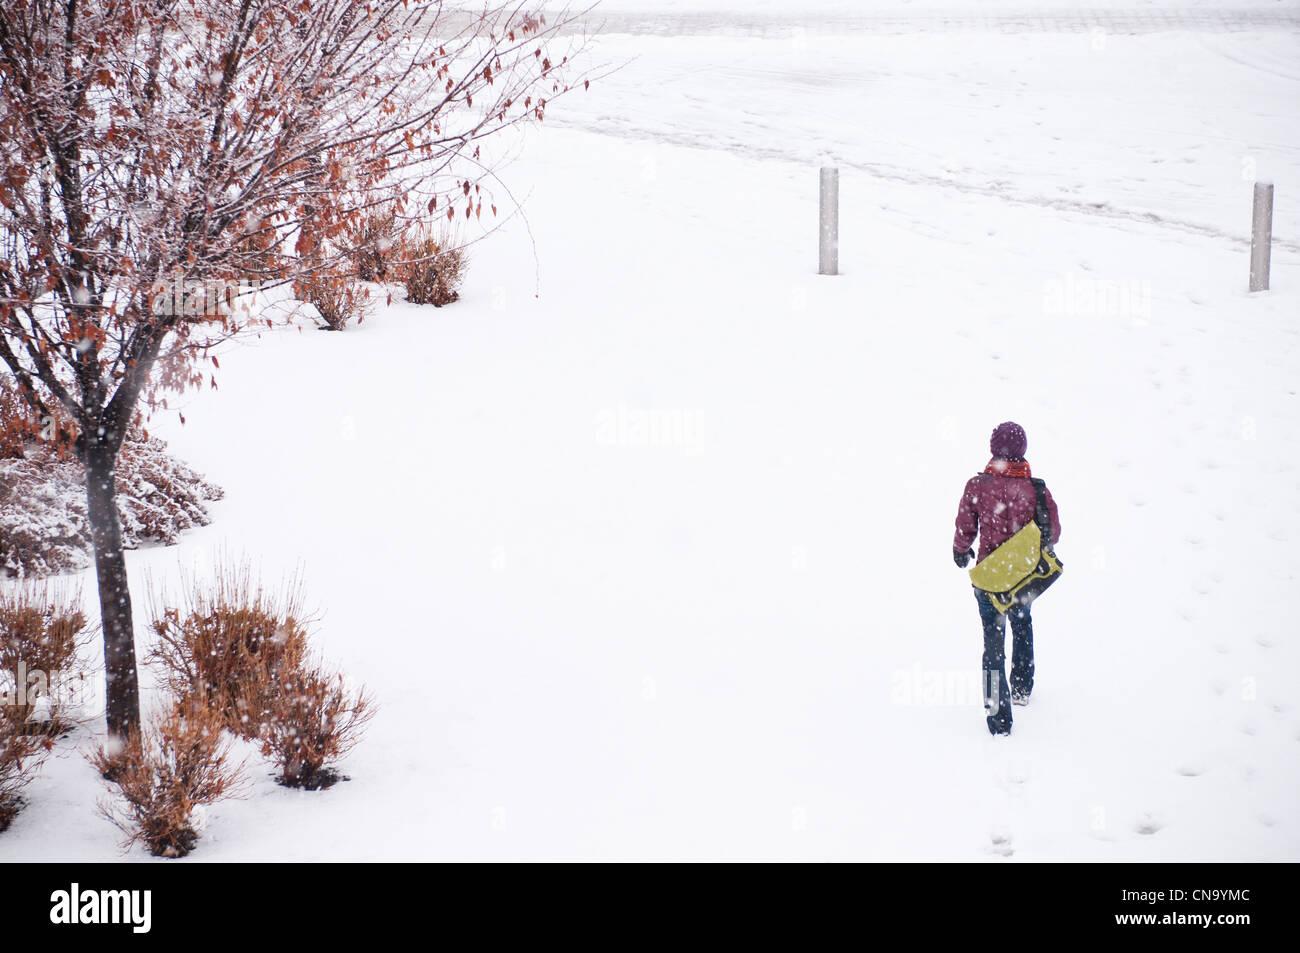 Woman walking in snowy meadow - Stock Image